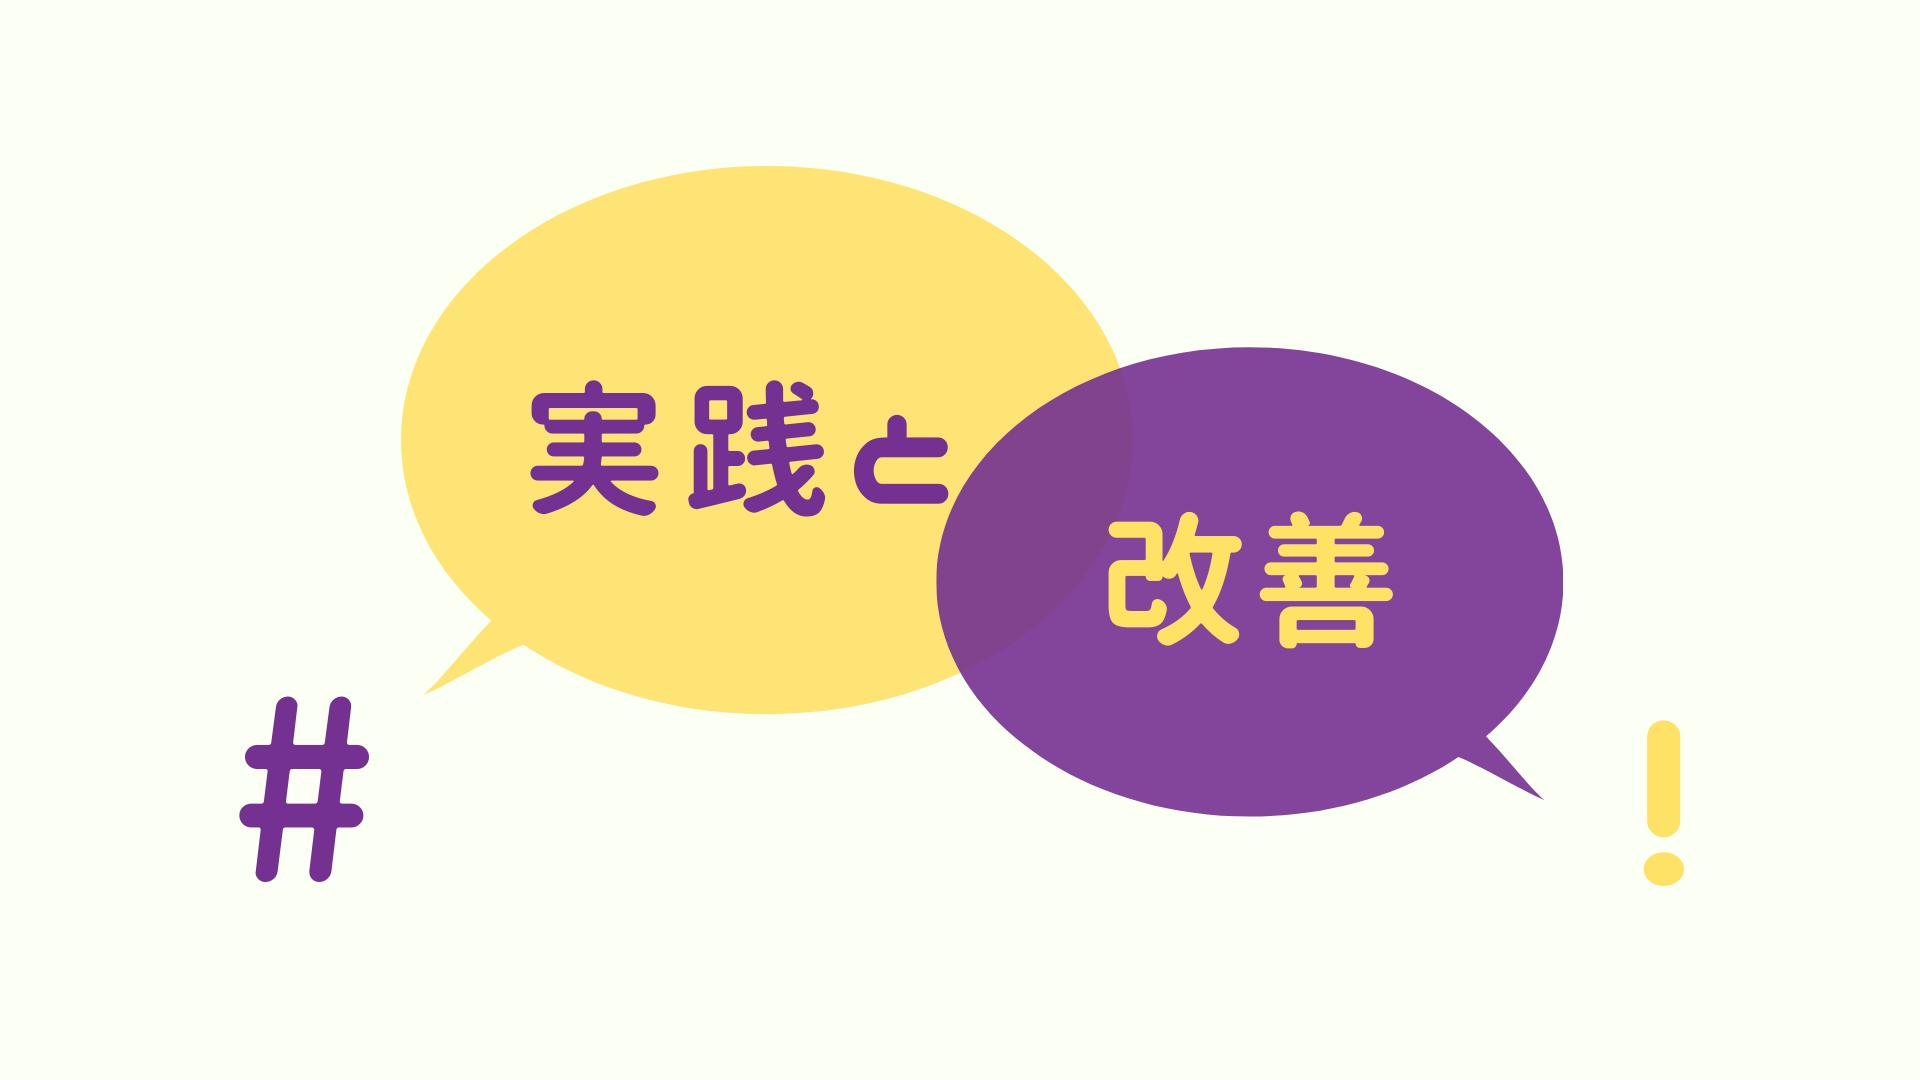 【ワーク】実践と改善